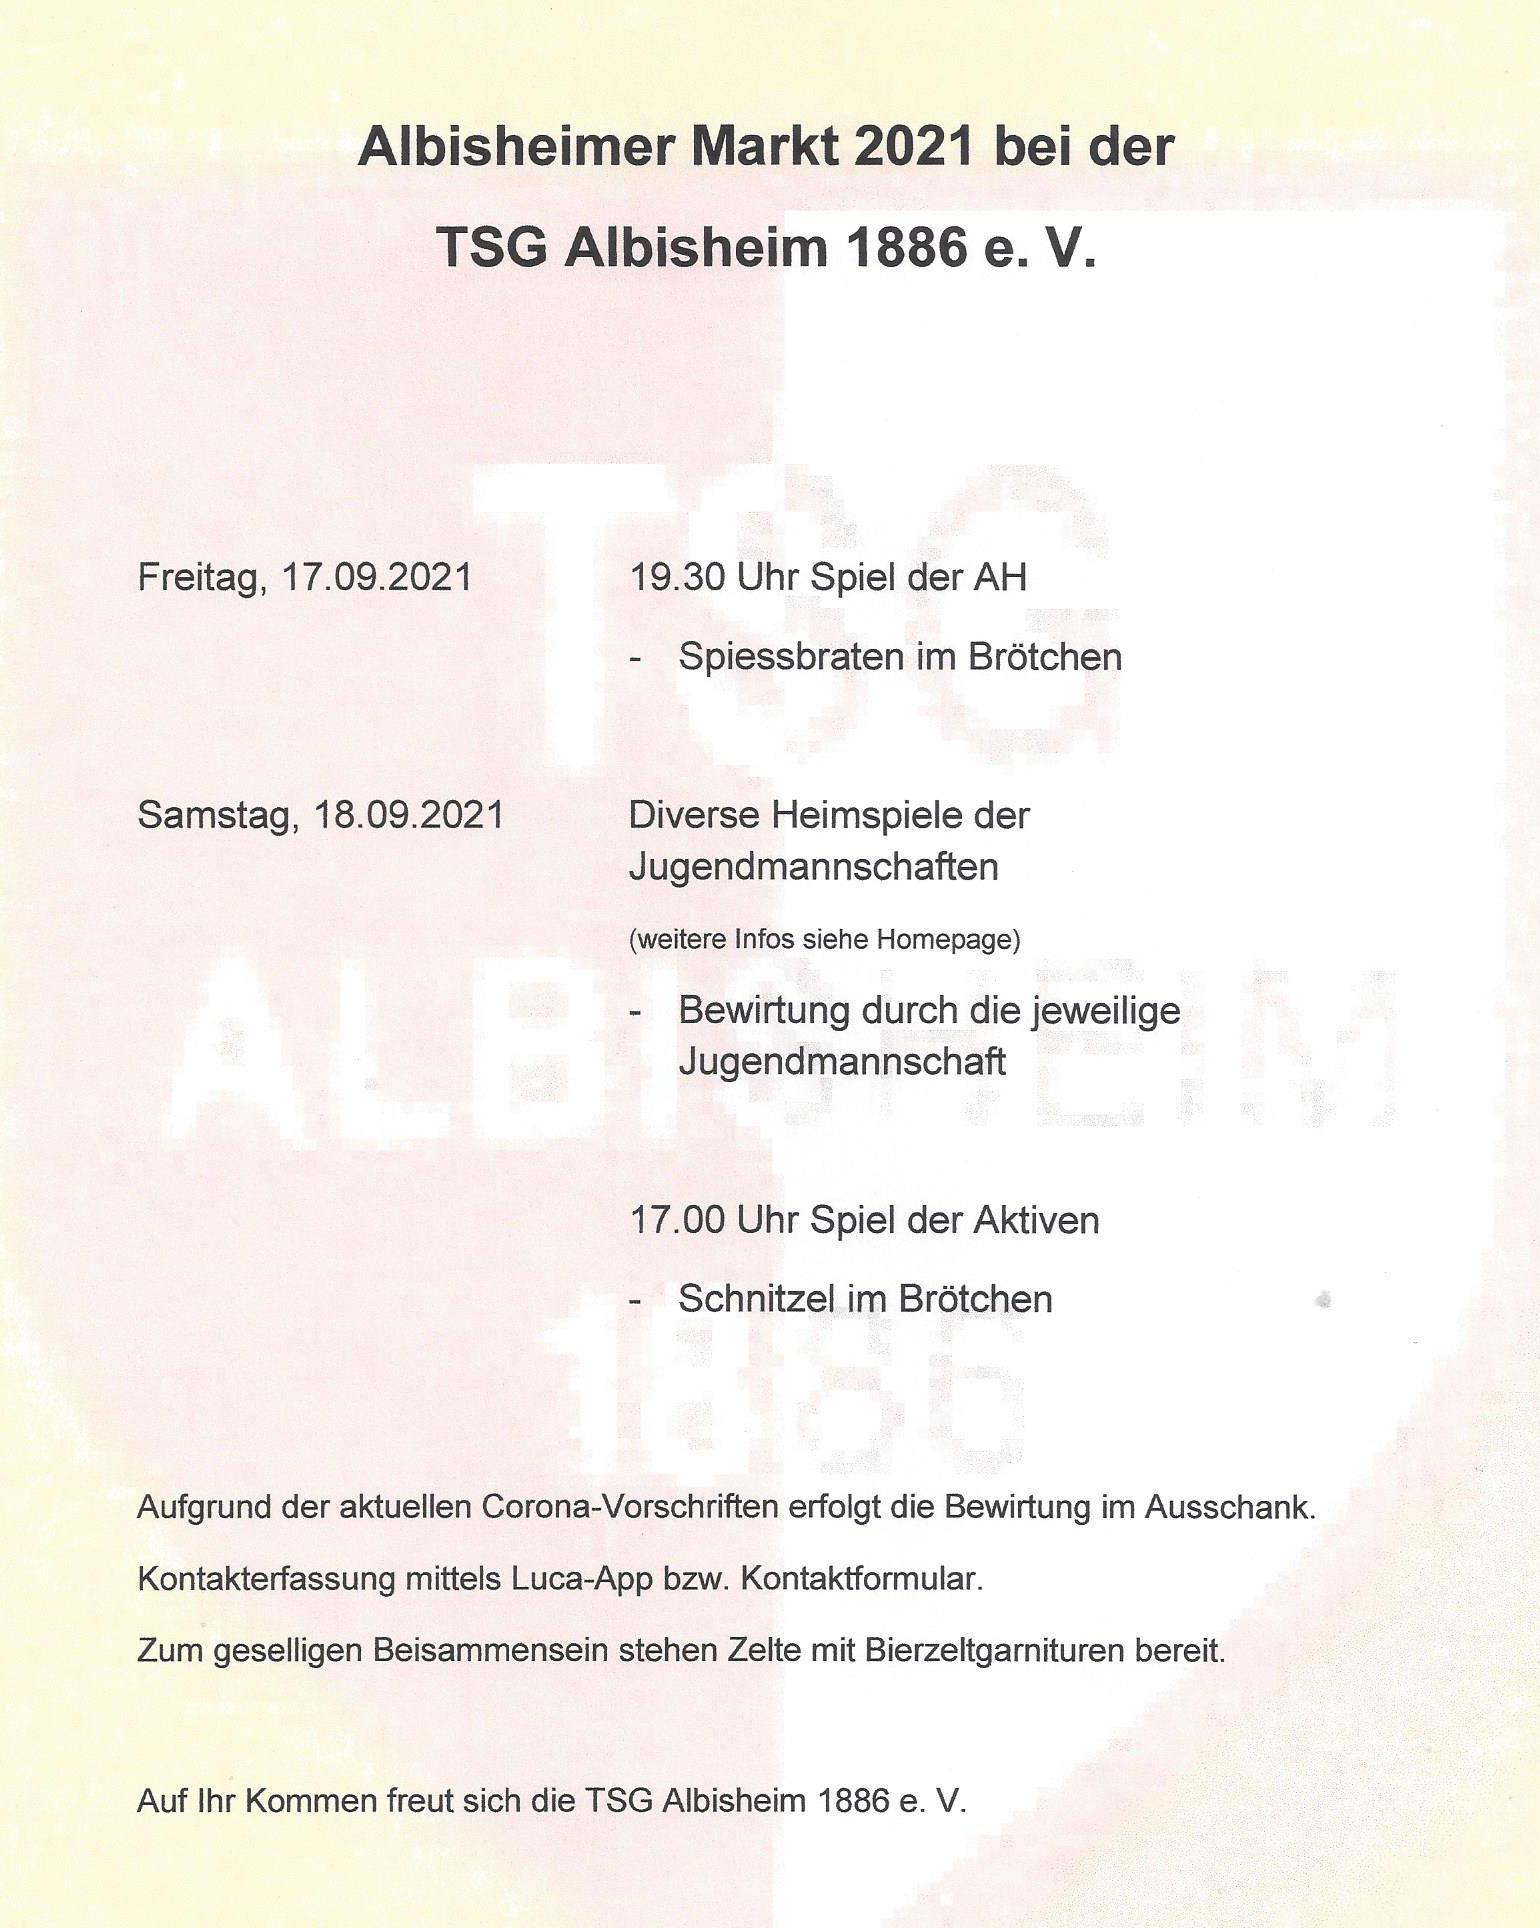 Programm des Sportverein